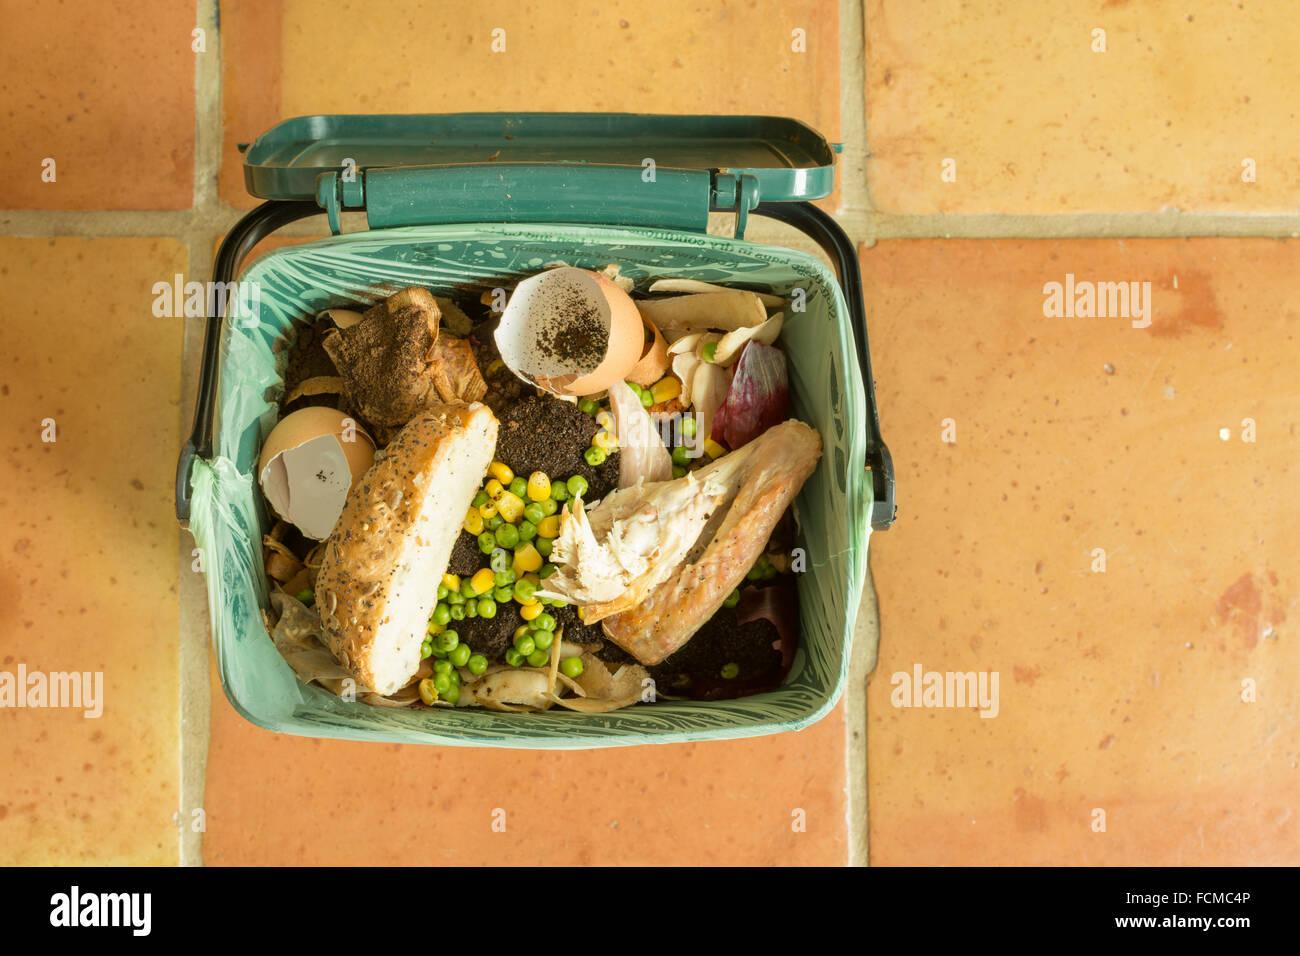 Los desperdicios de productos alimenticios - alimentos interiores caddy de reciclaje de residuos de cocina completa Imagen De Stock